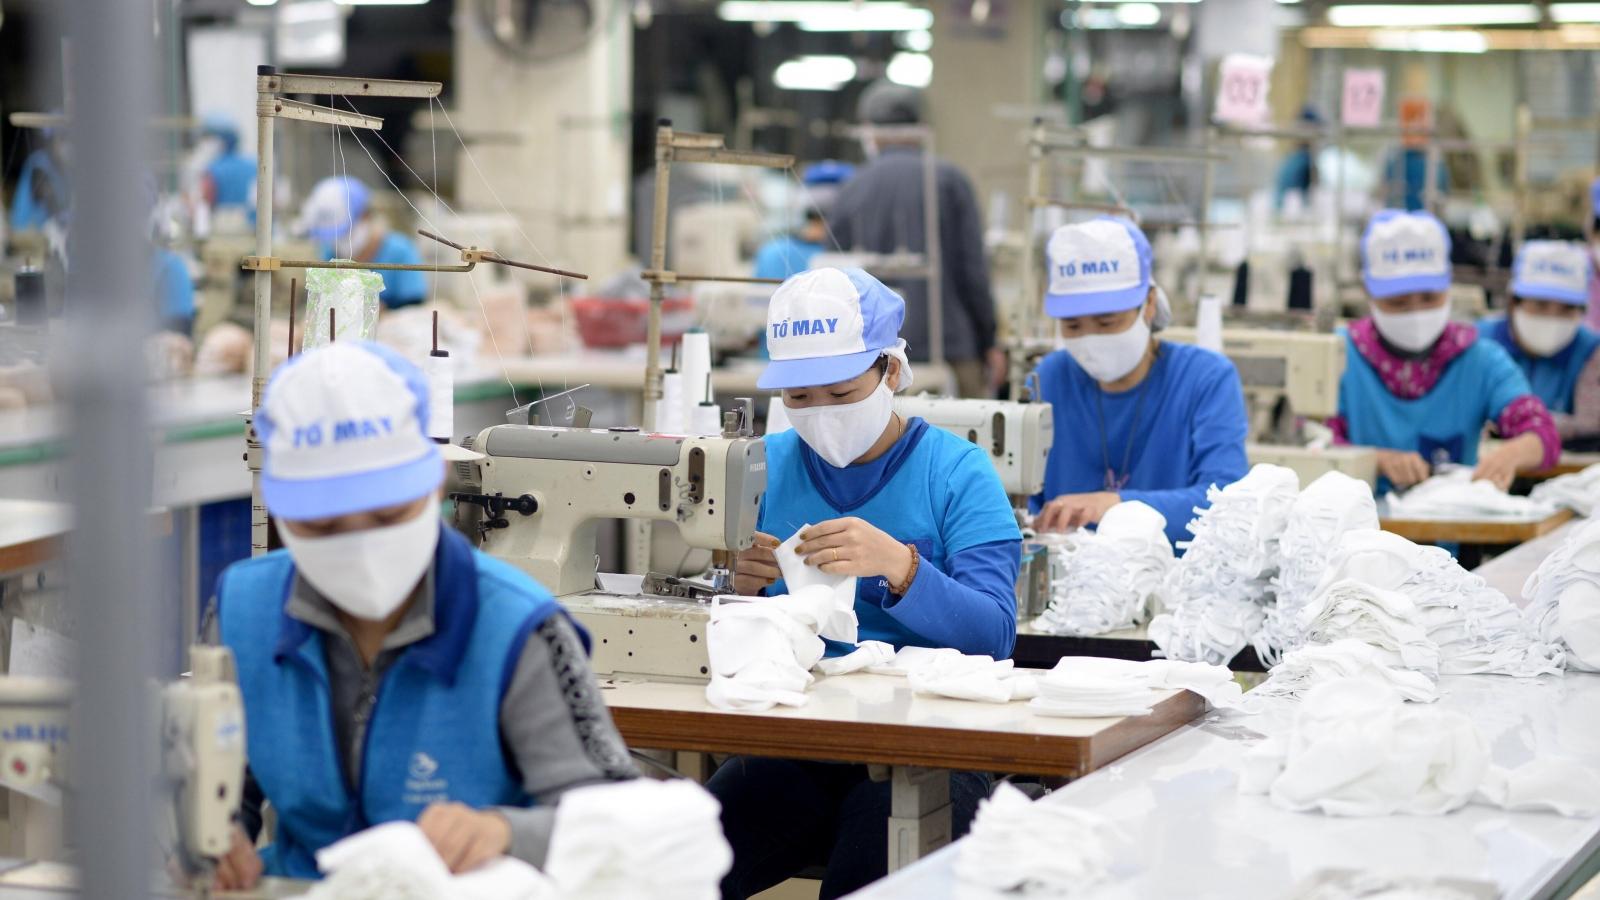 Ngày Quốc tế Lao động 1/5: Xây dựng giai cấp công nhân vững mạnh, hiện đại